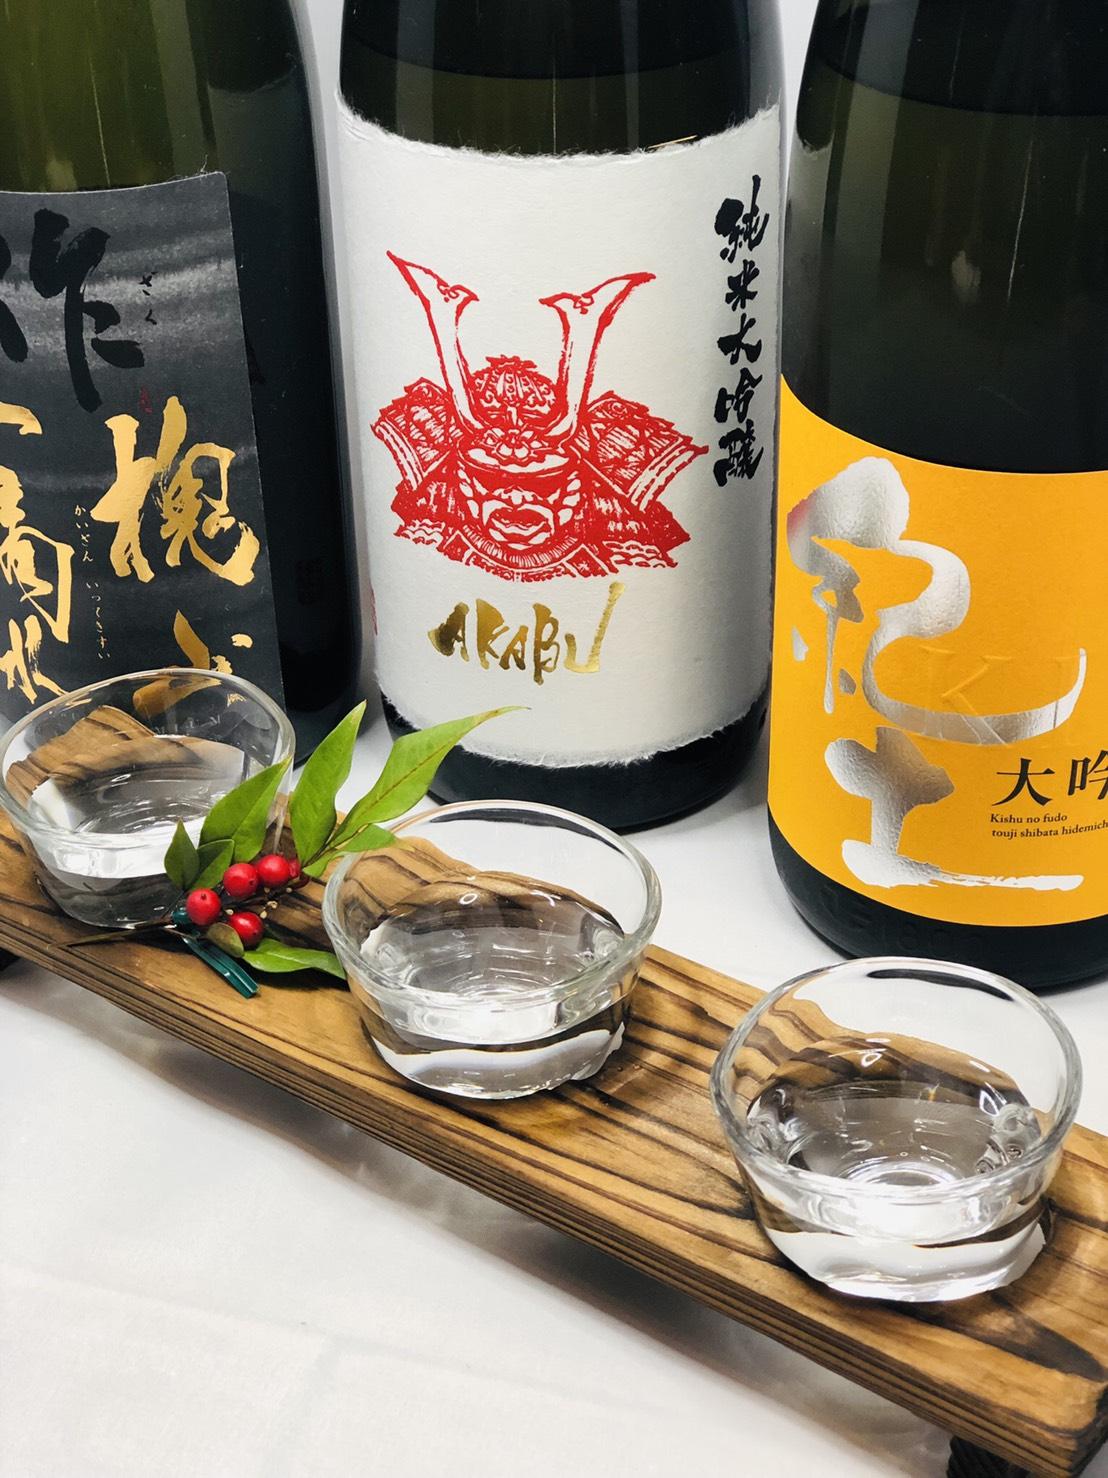 六本木の和食店で美味しい日本酒